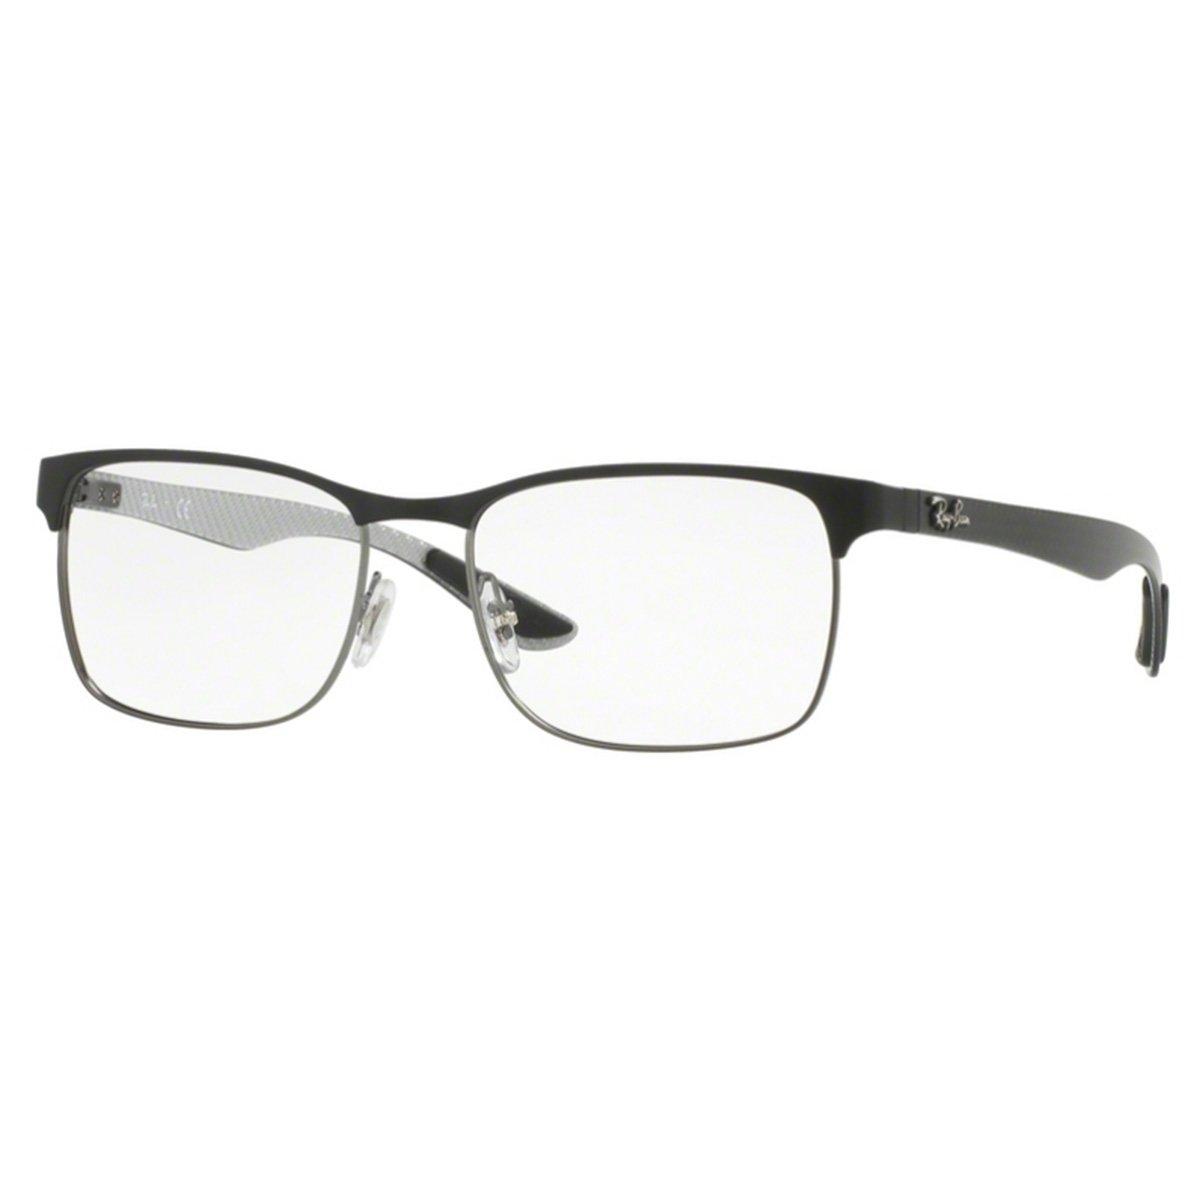 Compre Óculos de Grau Ray Ban em 10X   Tri-Jóia Shop 1bf94bd2e1